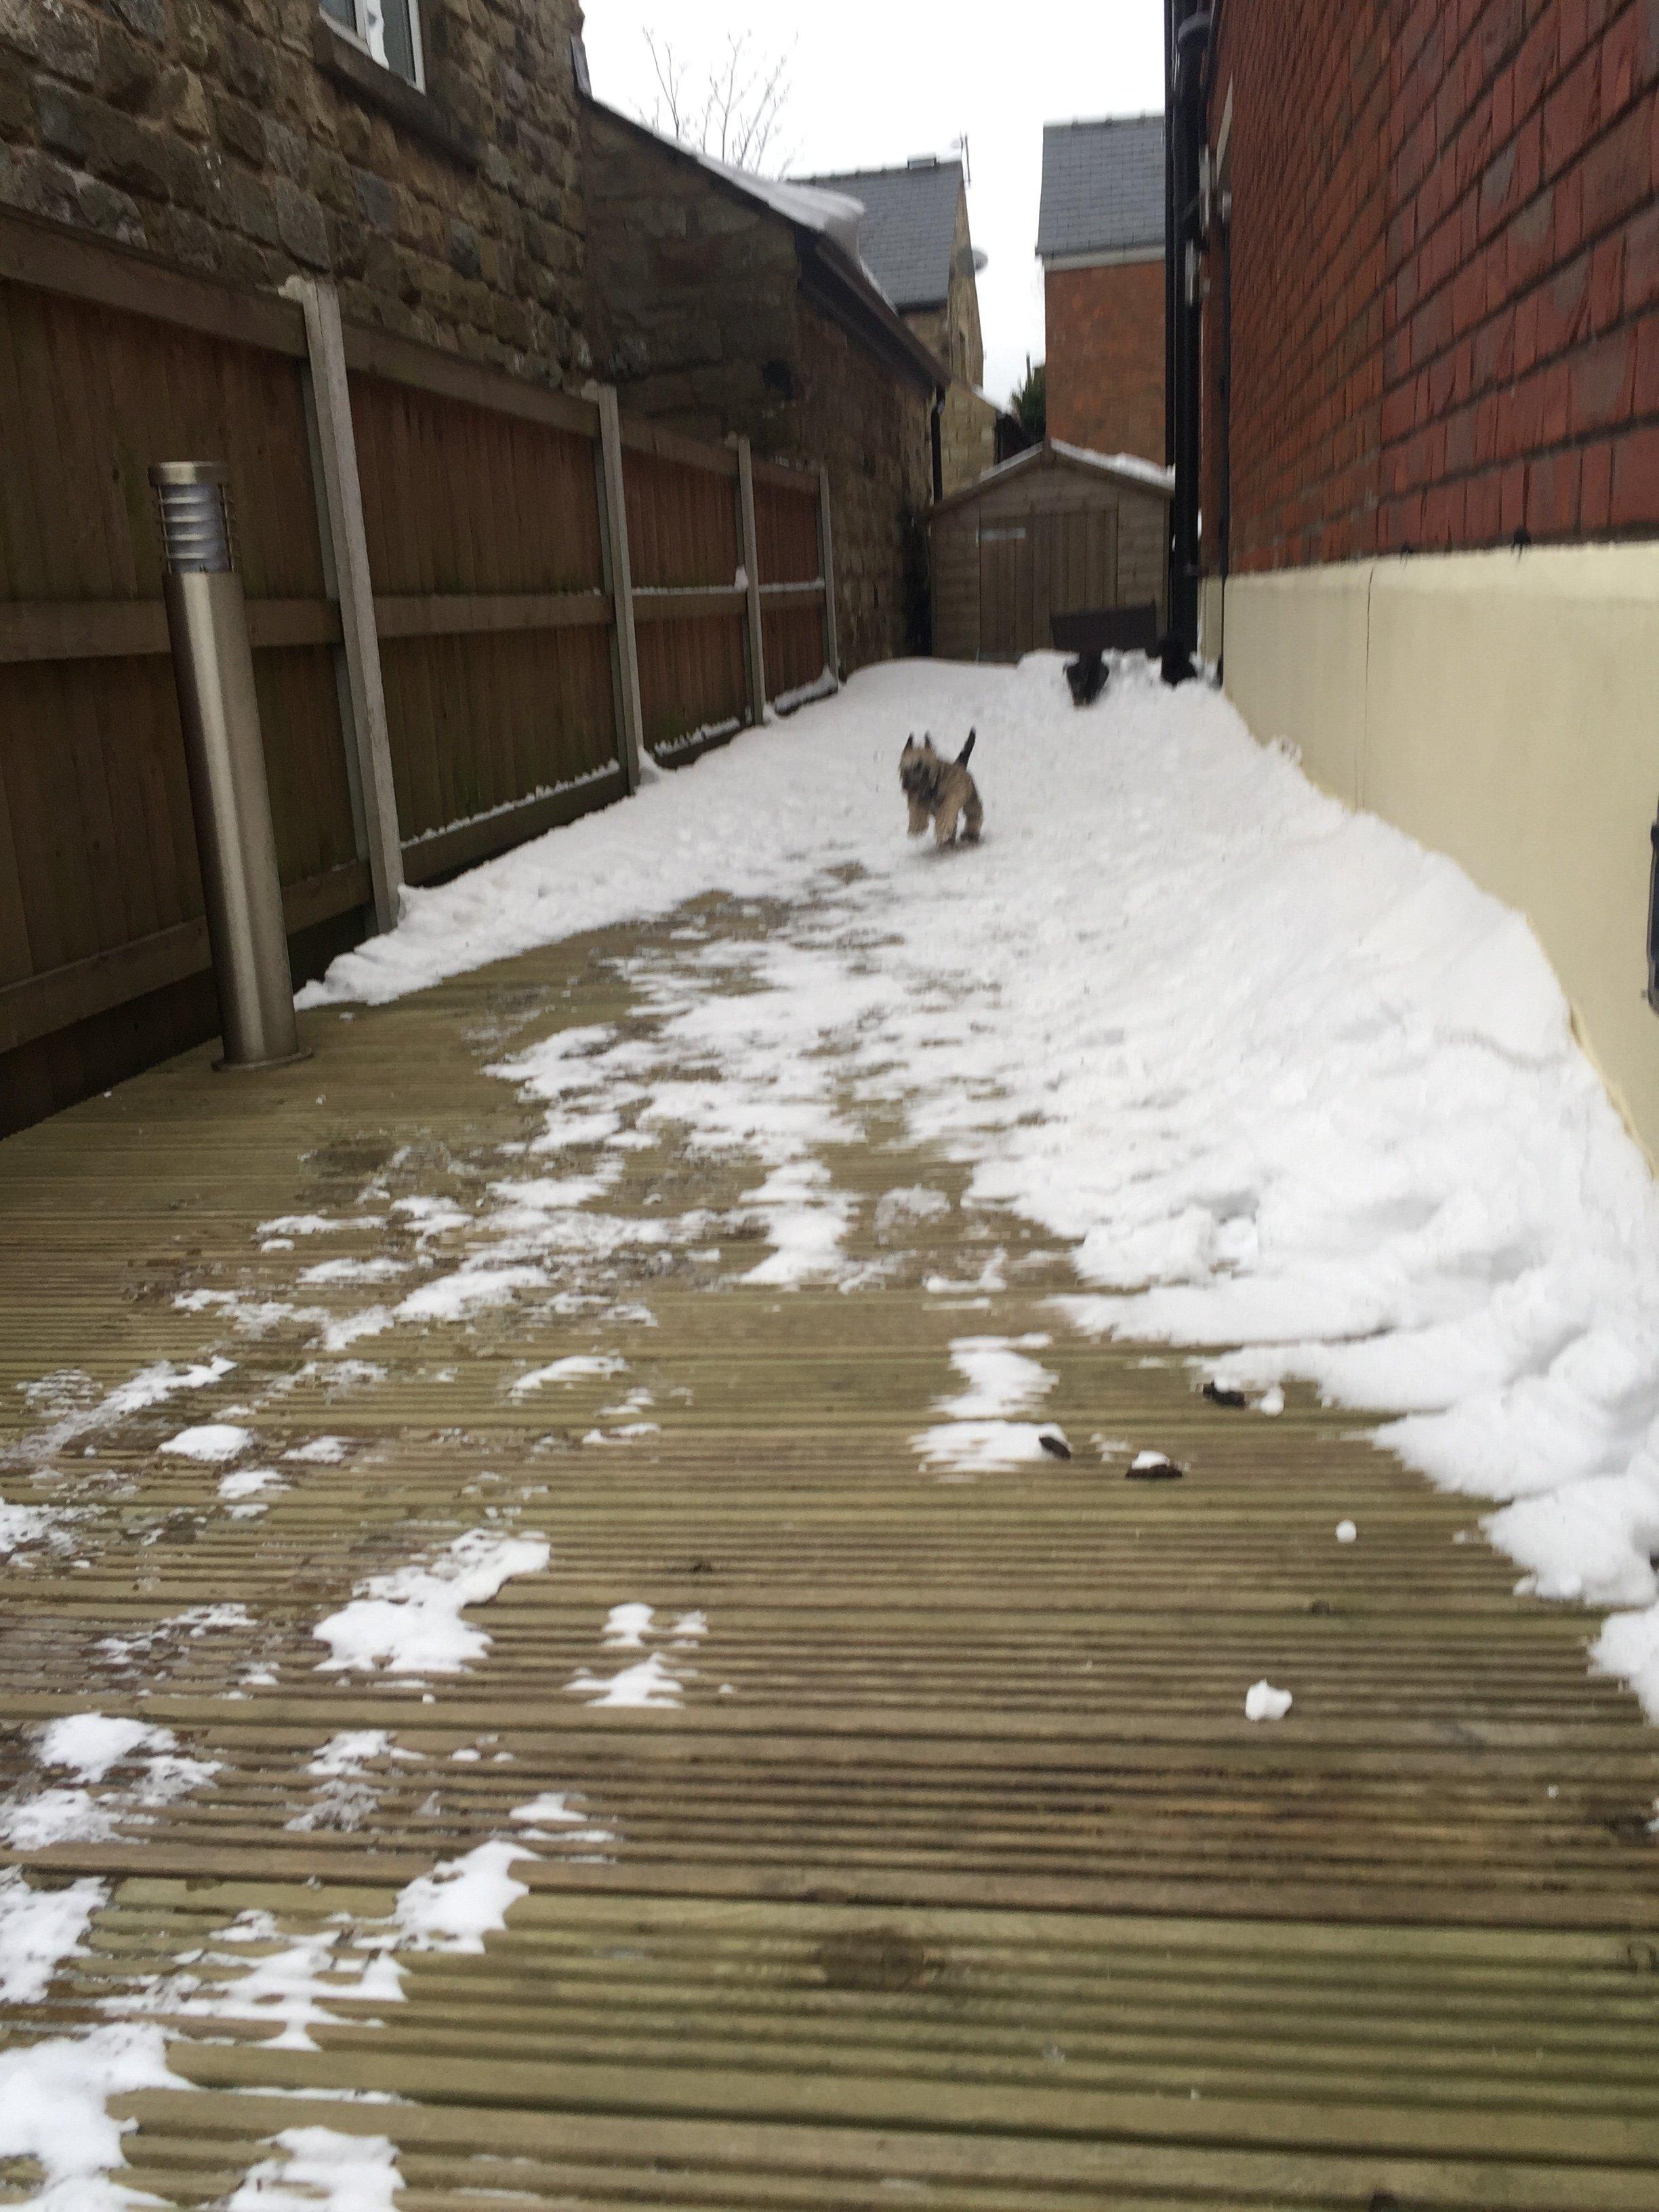 pup snow 1.JPG